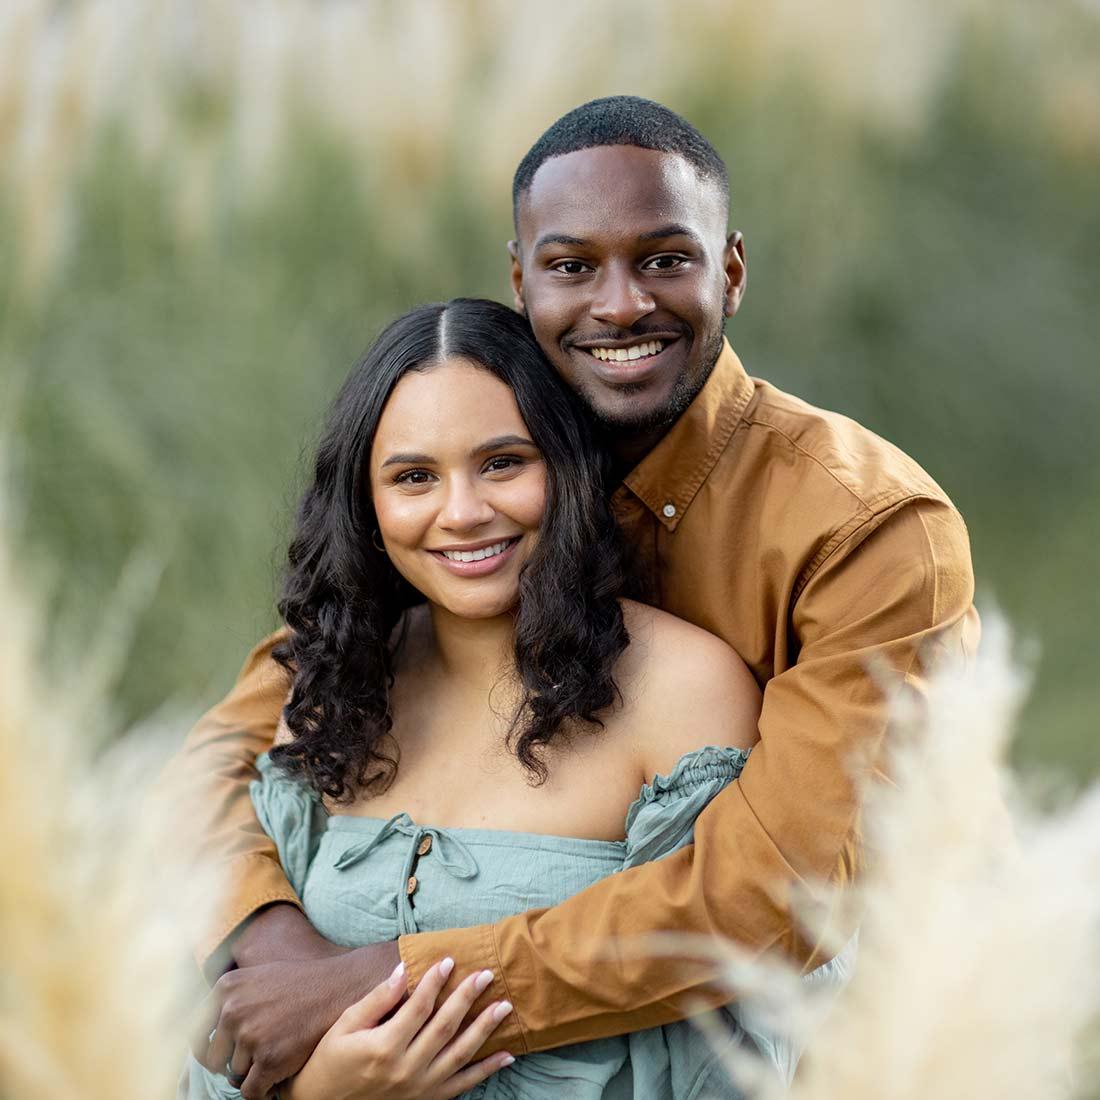 Kaelin and Kyrah Edwards family photo